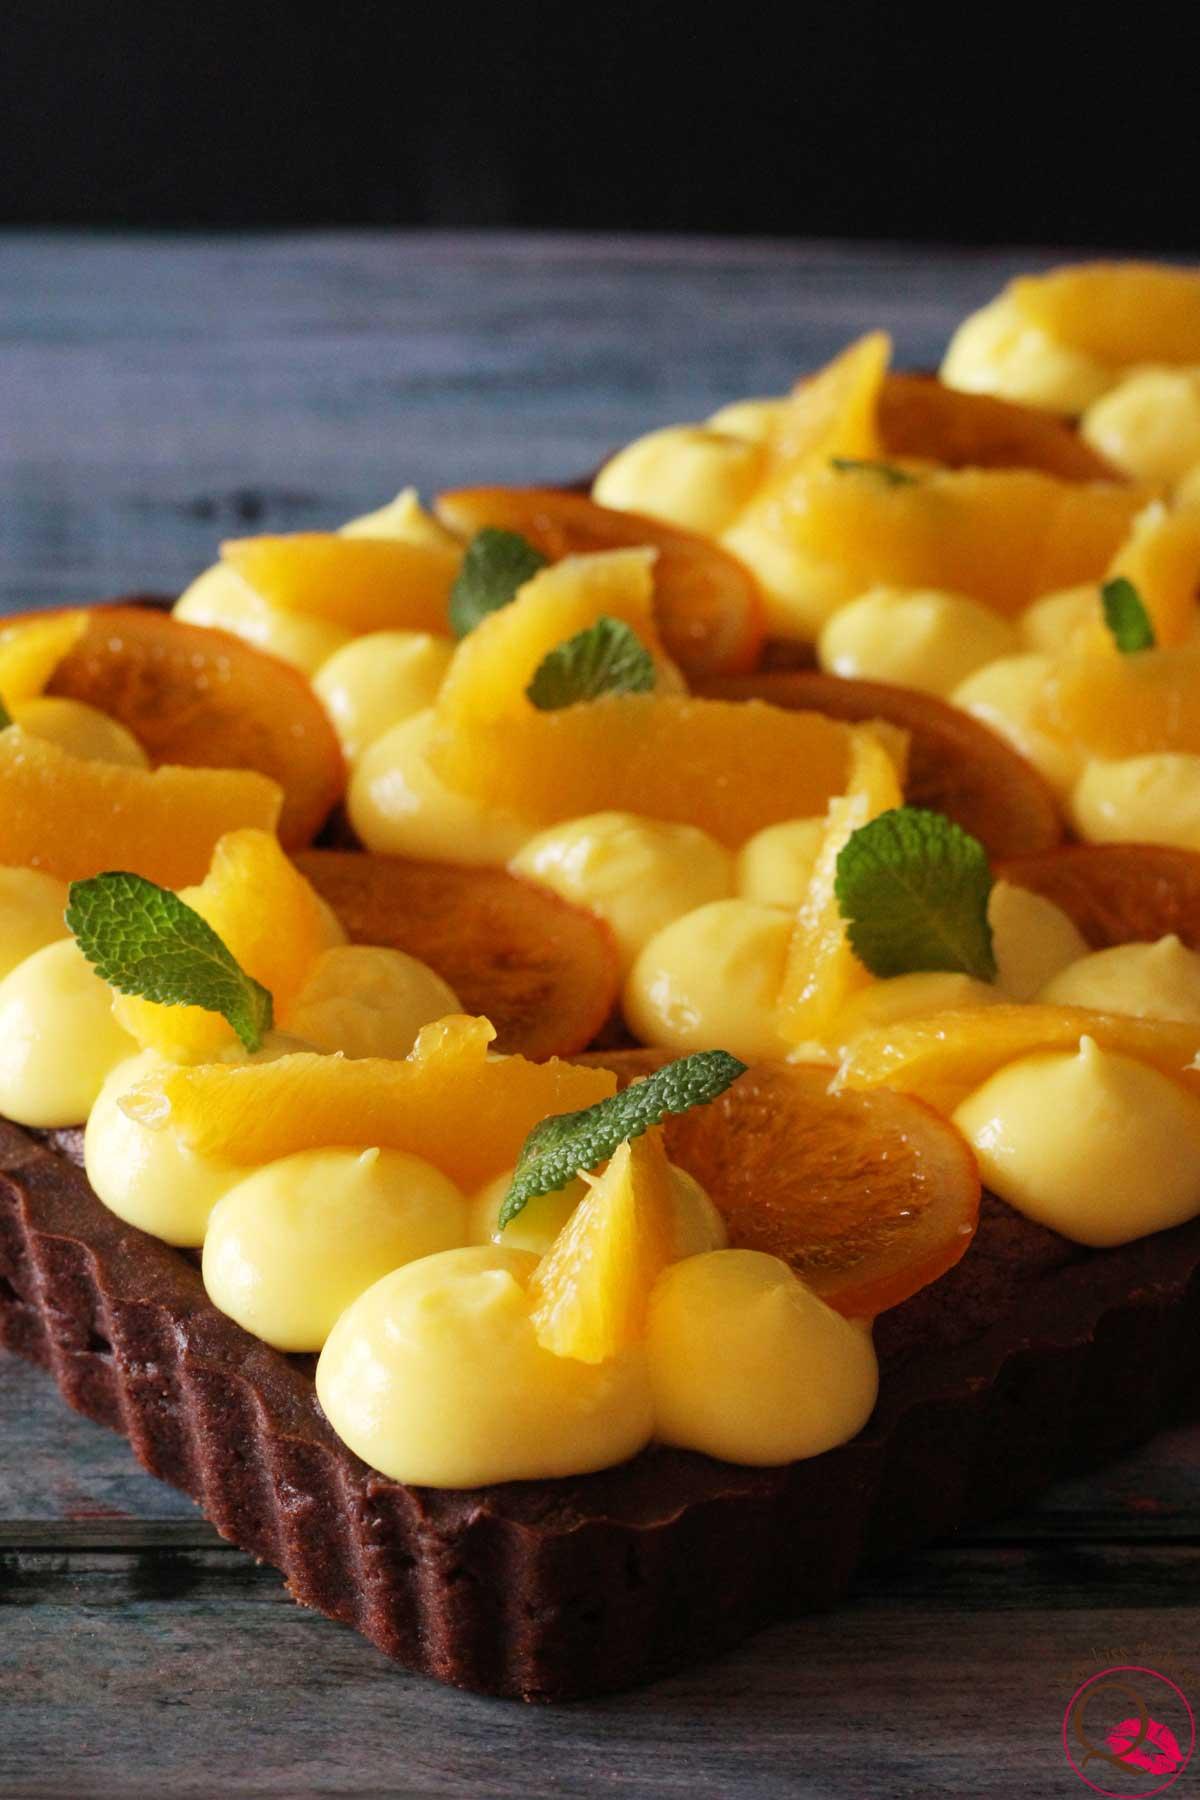 Crostata frangipane al cioccolato con arance caramellate obliqua